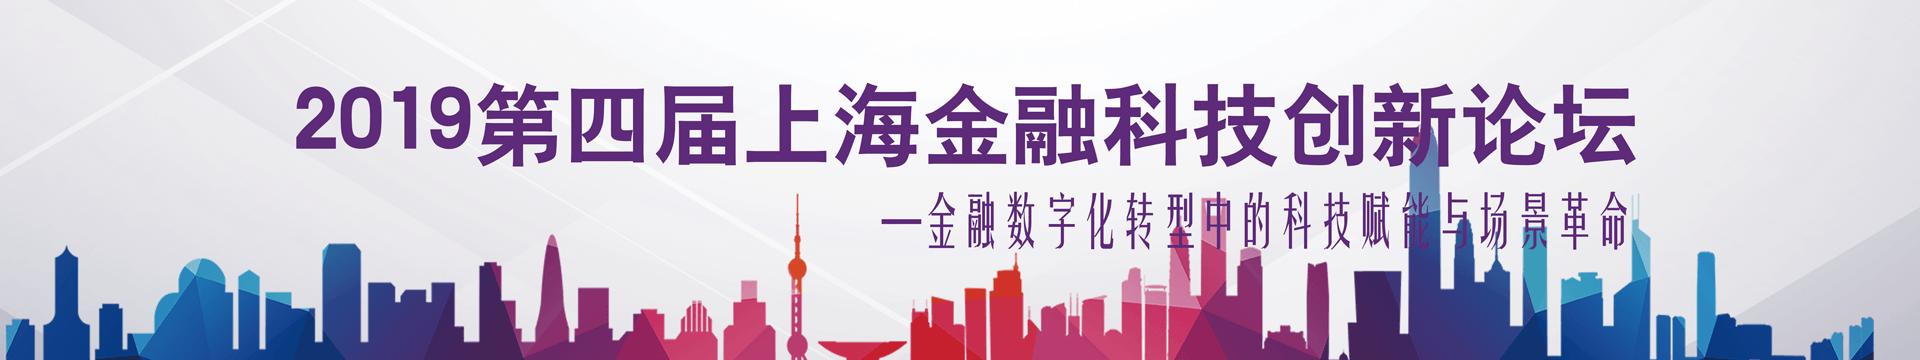 2019(第四届)上海金融科技创新论坛 ——金融数字化转型中的科技赋能与场景革命